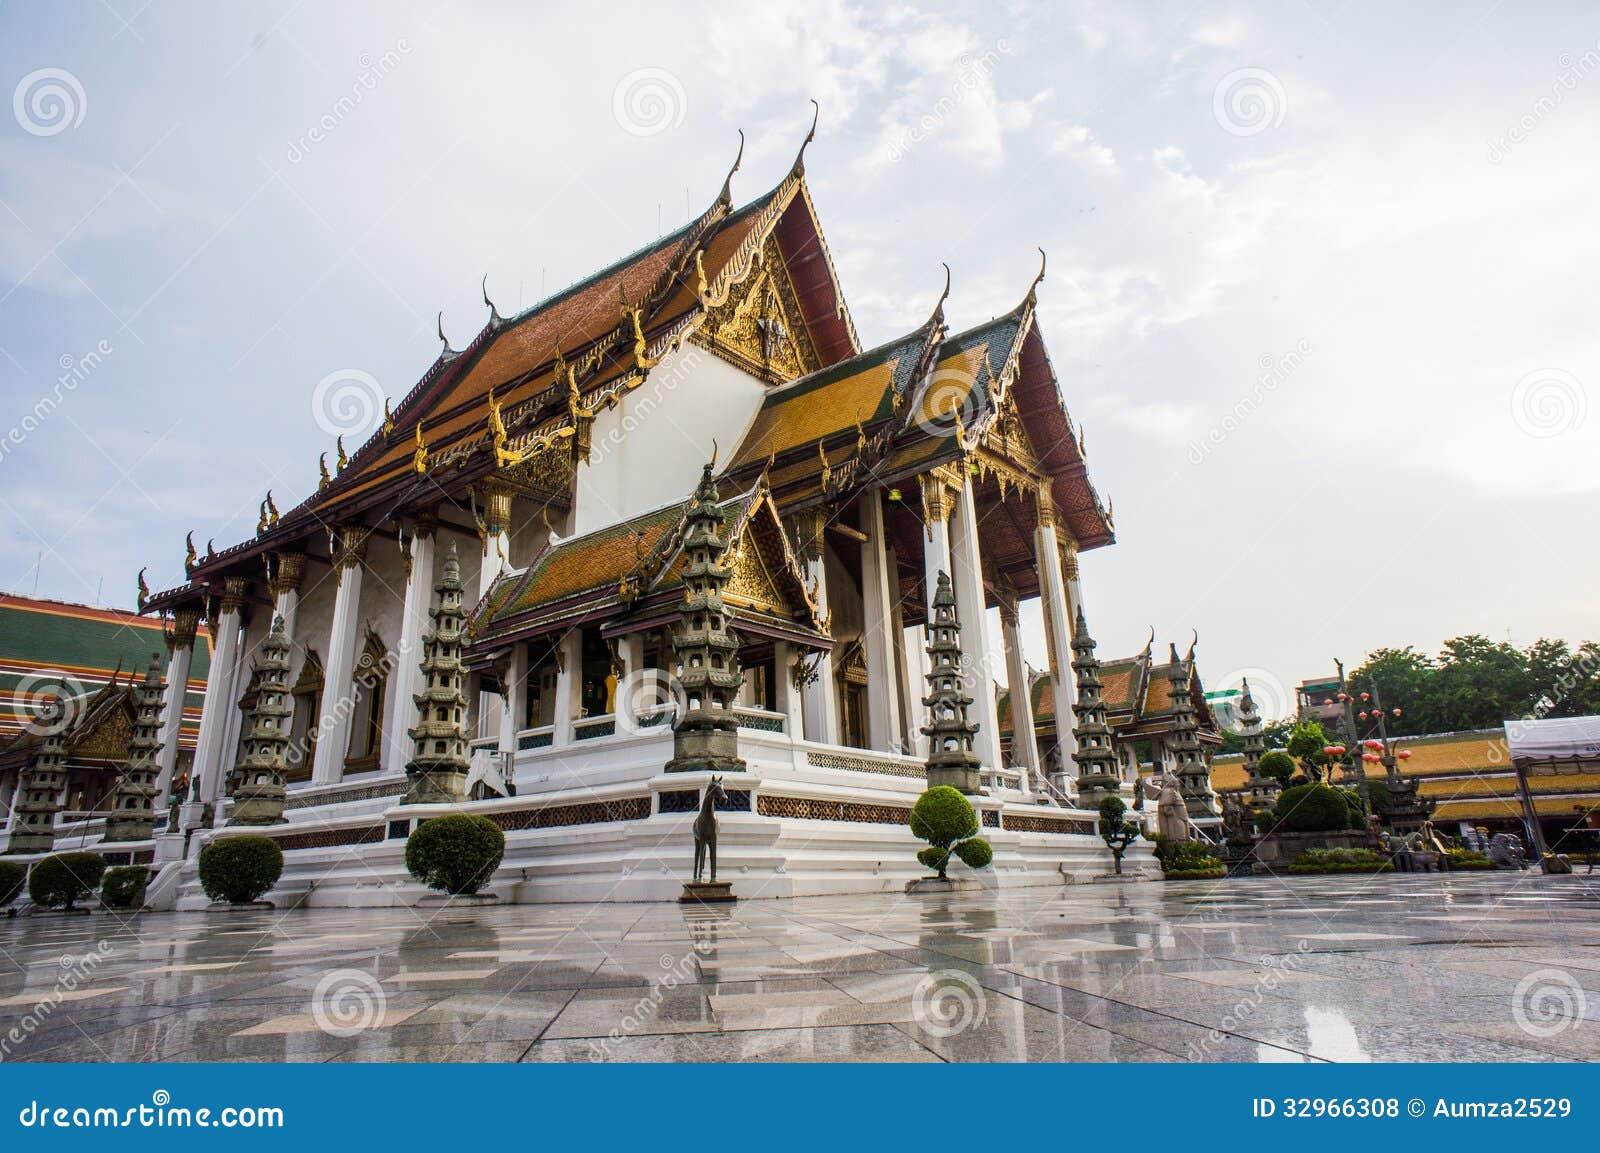 Wat Suthat Thepphawararam Royalty Free Stock Photos - Image: 32966308